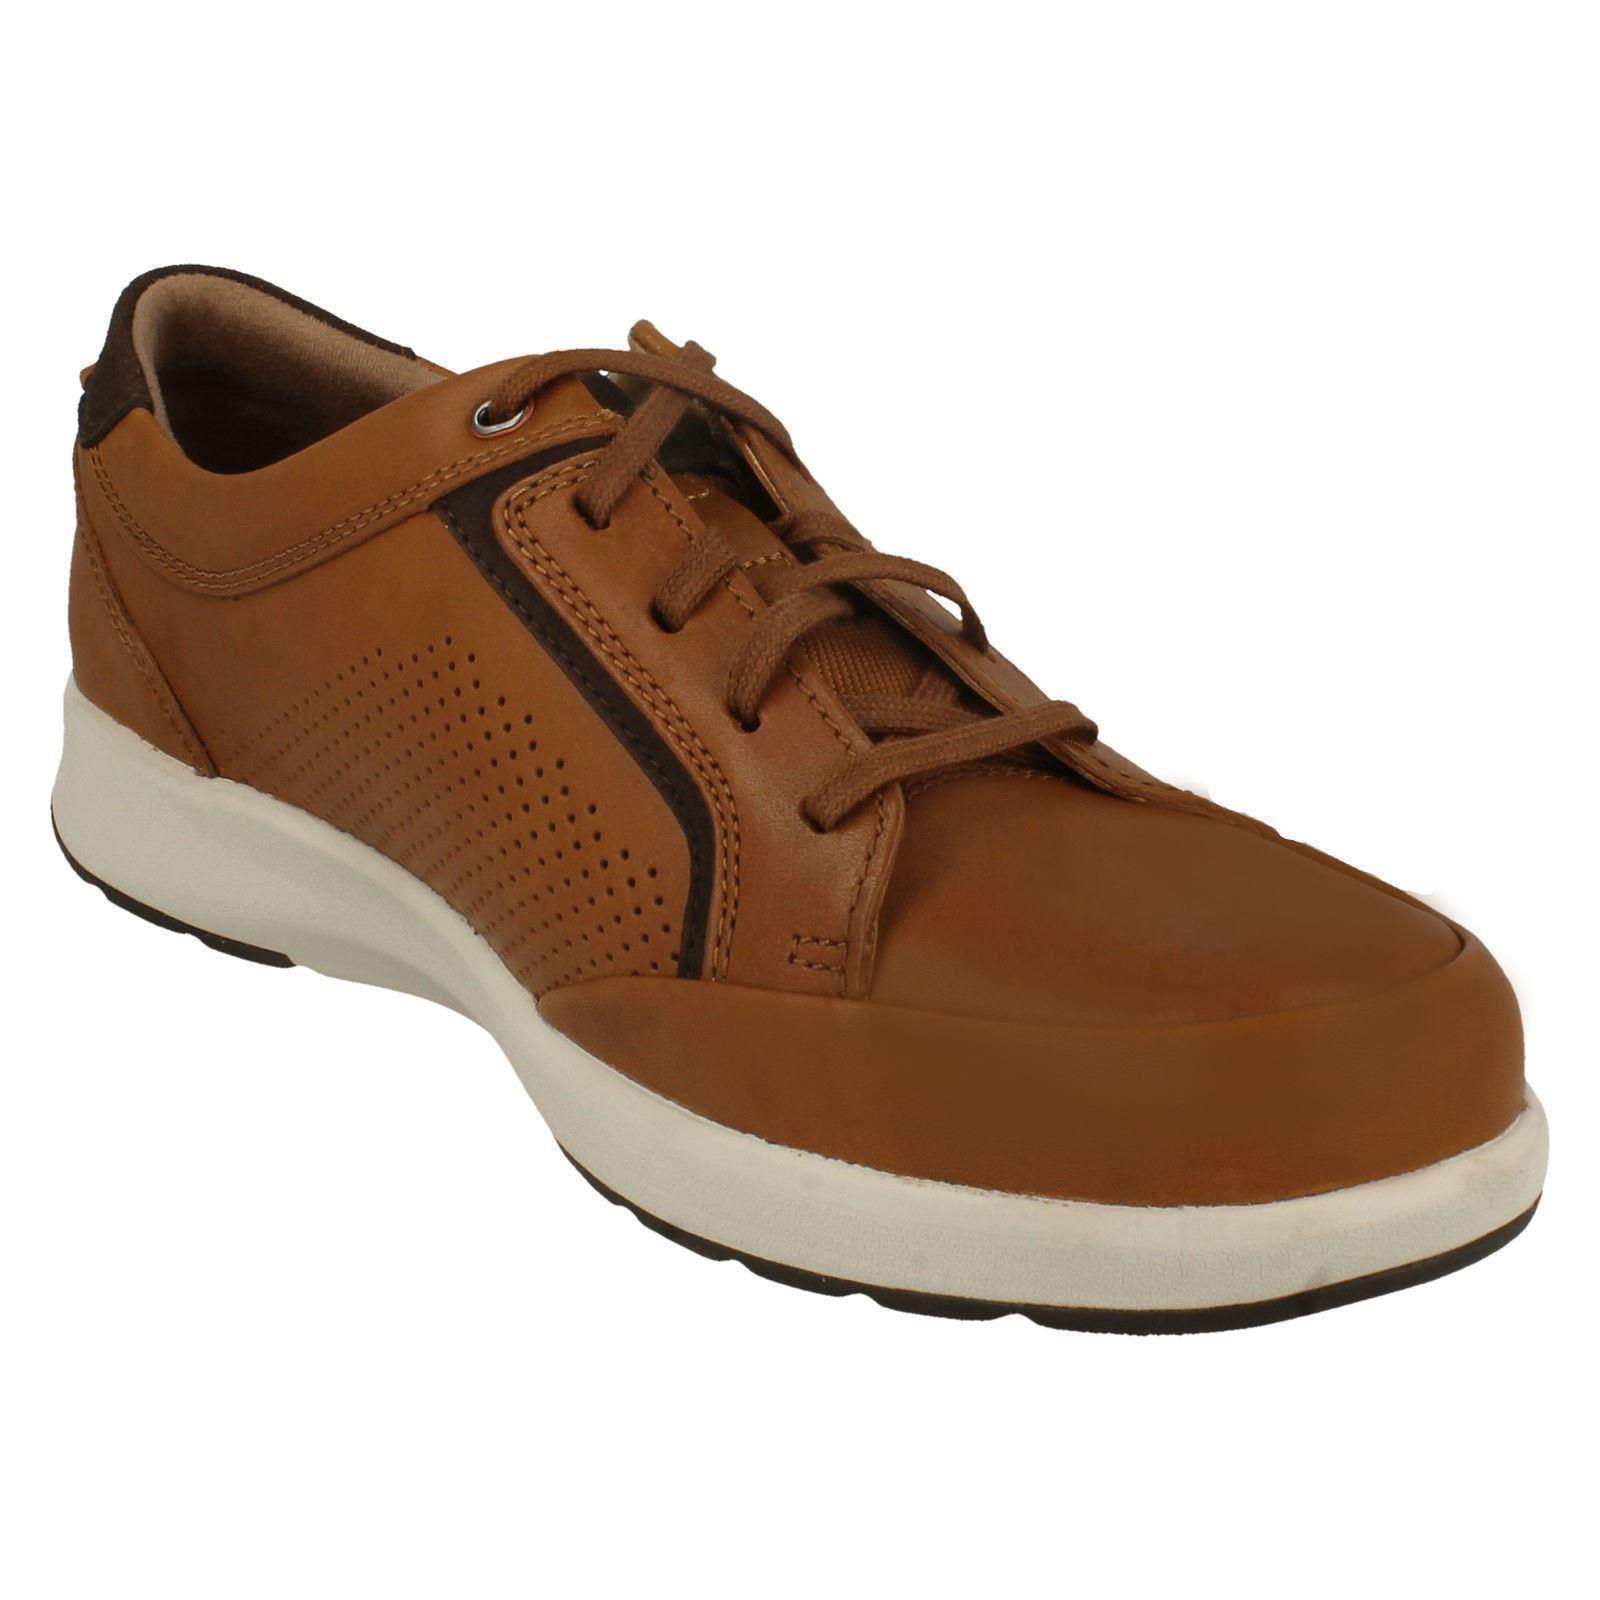 cordones para Form hombre casual Un marrón con Tan Trail Calzado Eq0xgtwv